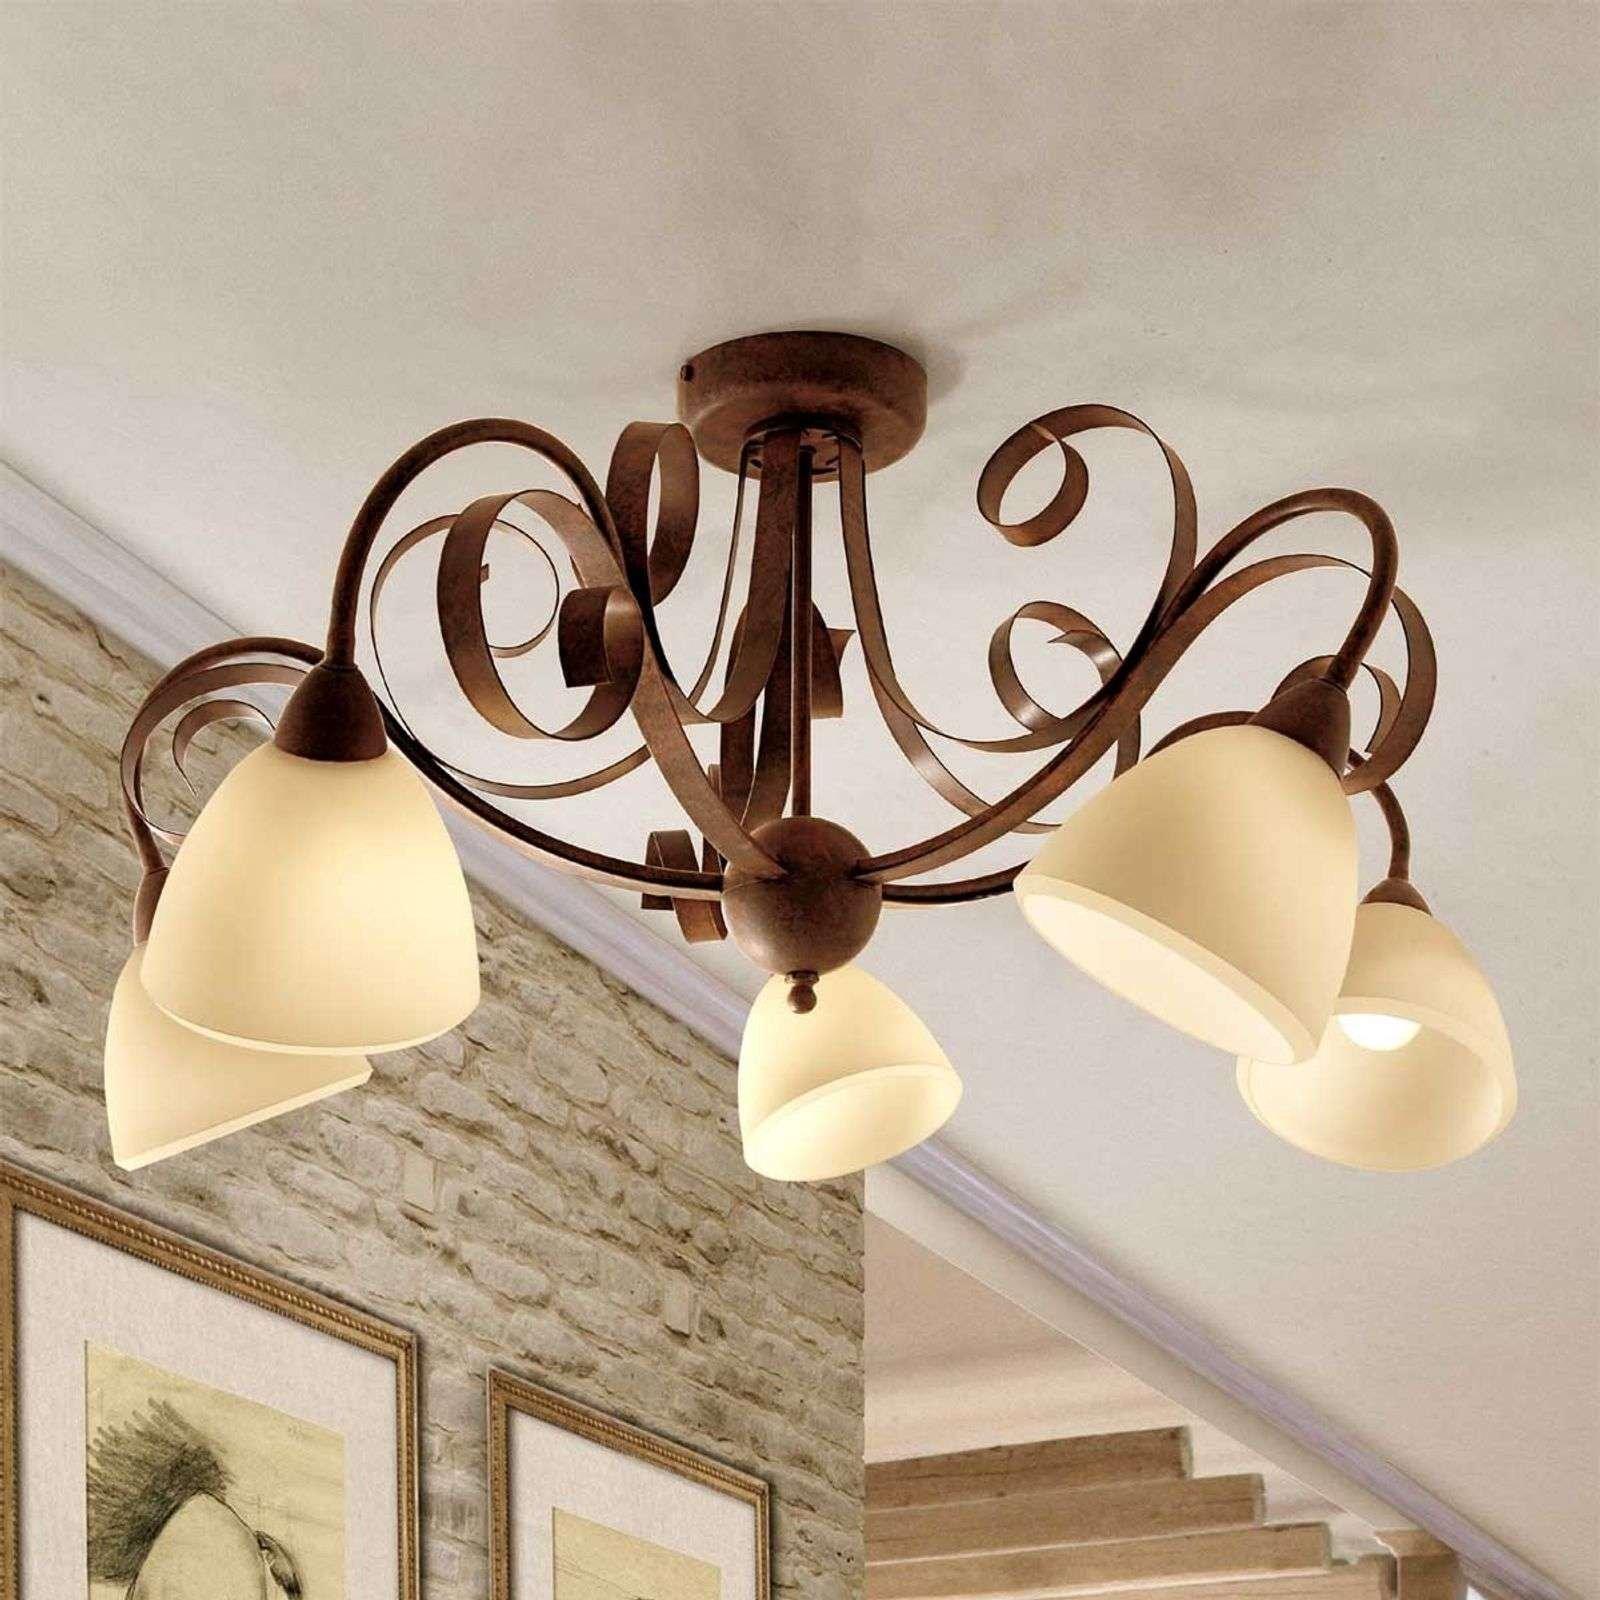 5 bulb ceiling light Francesco